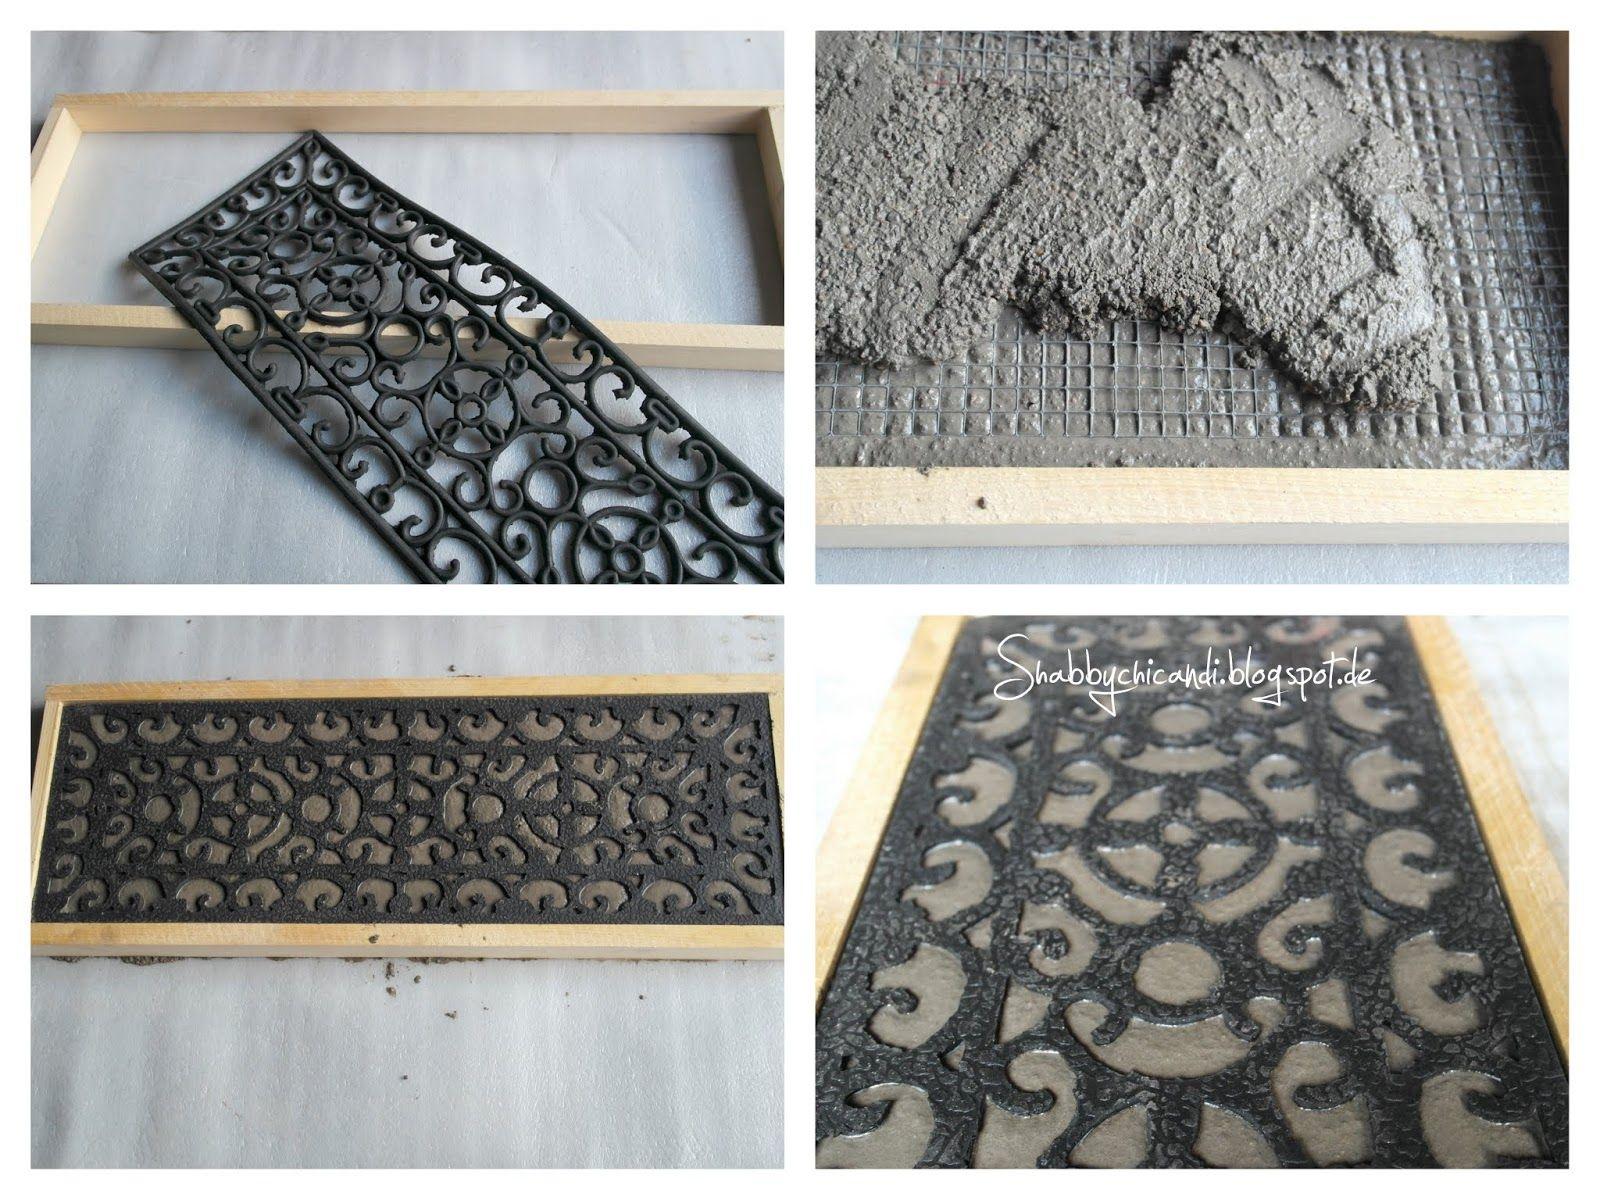 schrit für schritt anleitung beton platten mit ornament | diy